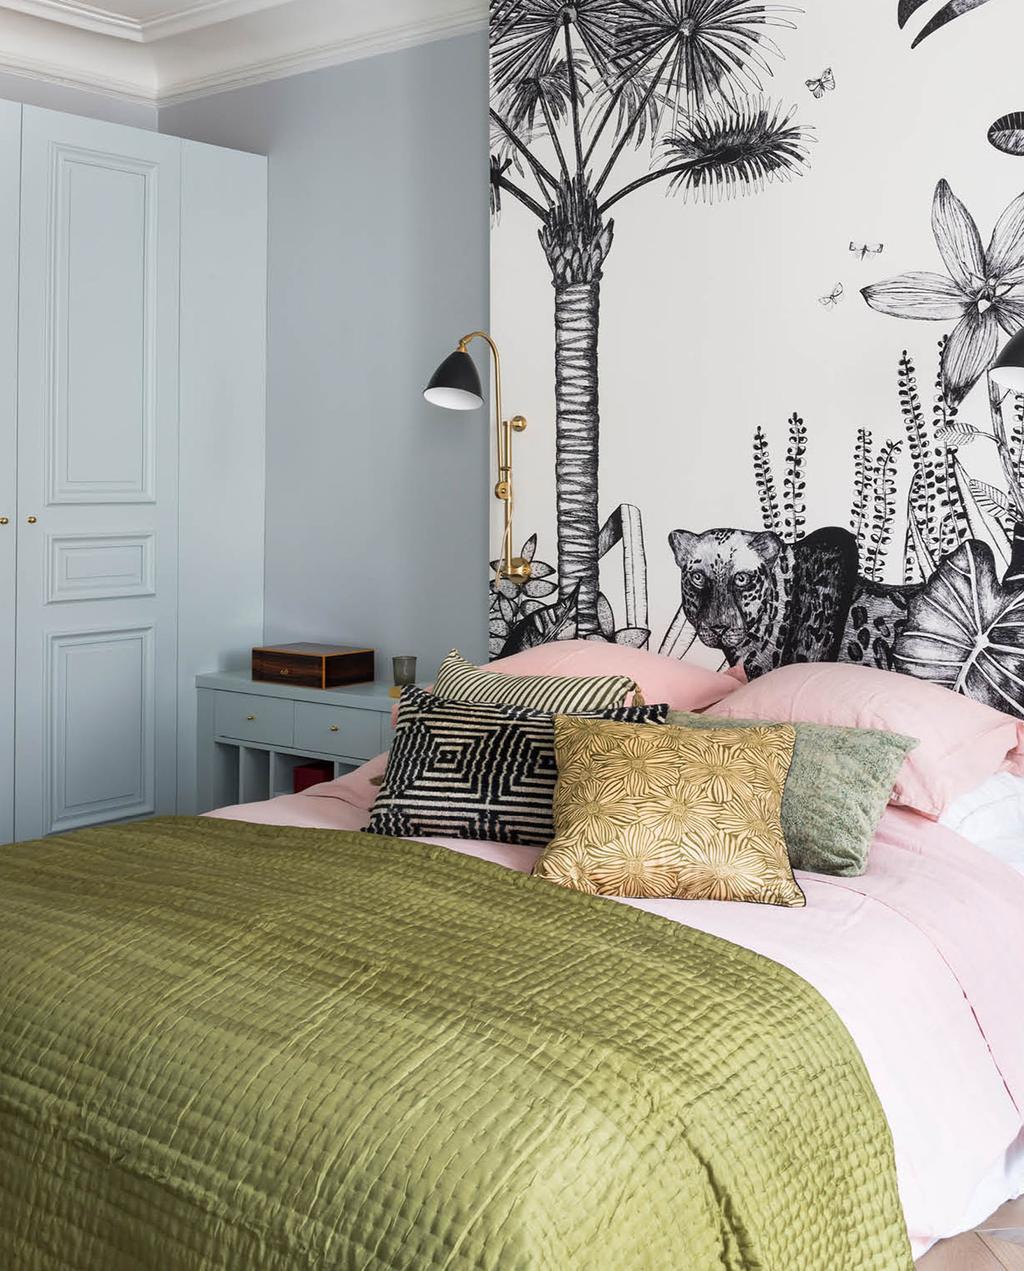 vtwonen 02-2019 | opgemaakt bed met kussens in voorjaarskleuren